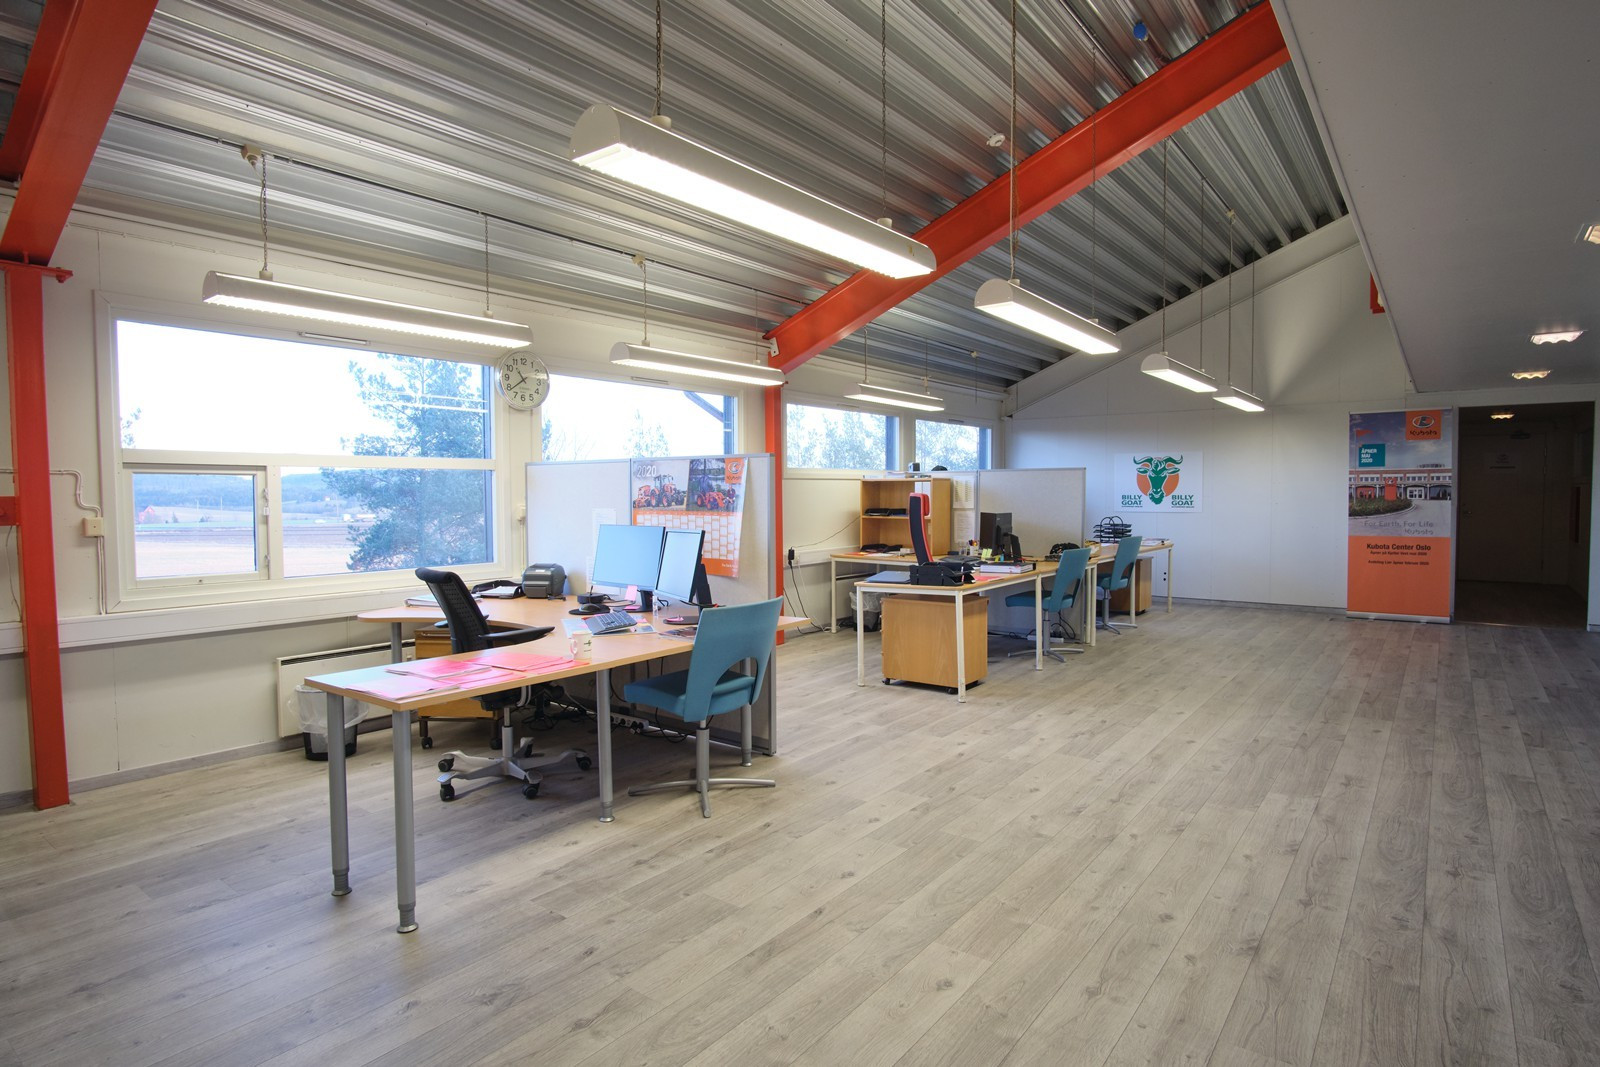 Kontorene ligger fint til med direkte adgang til lager- / verkstedslokalene